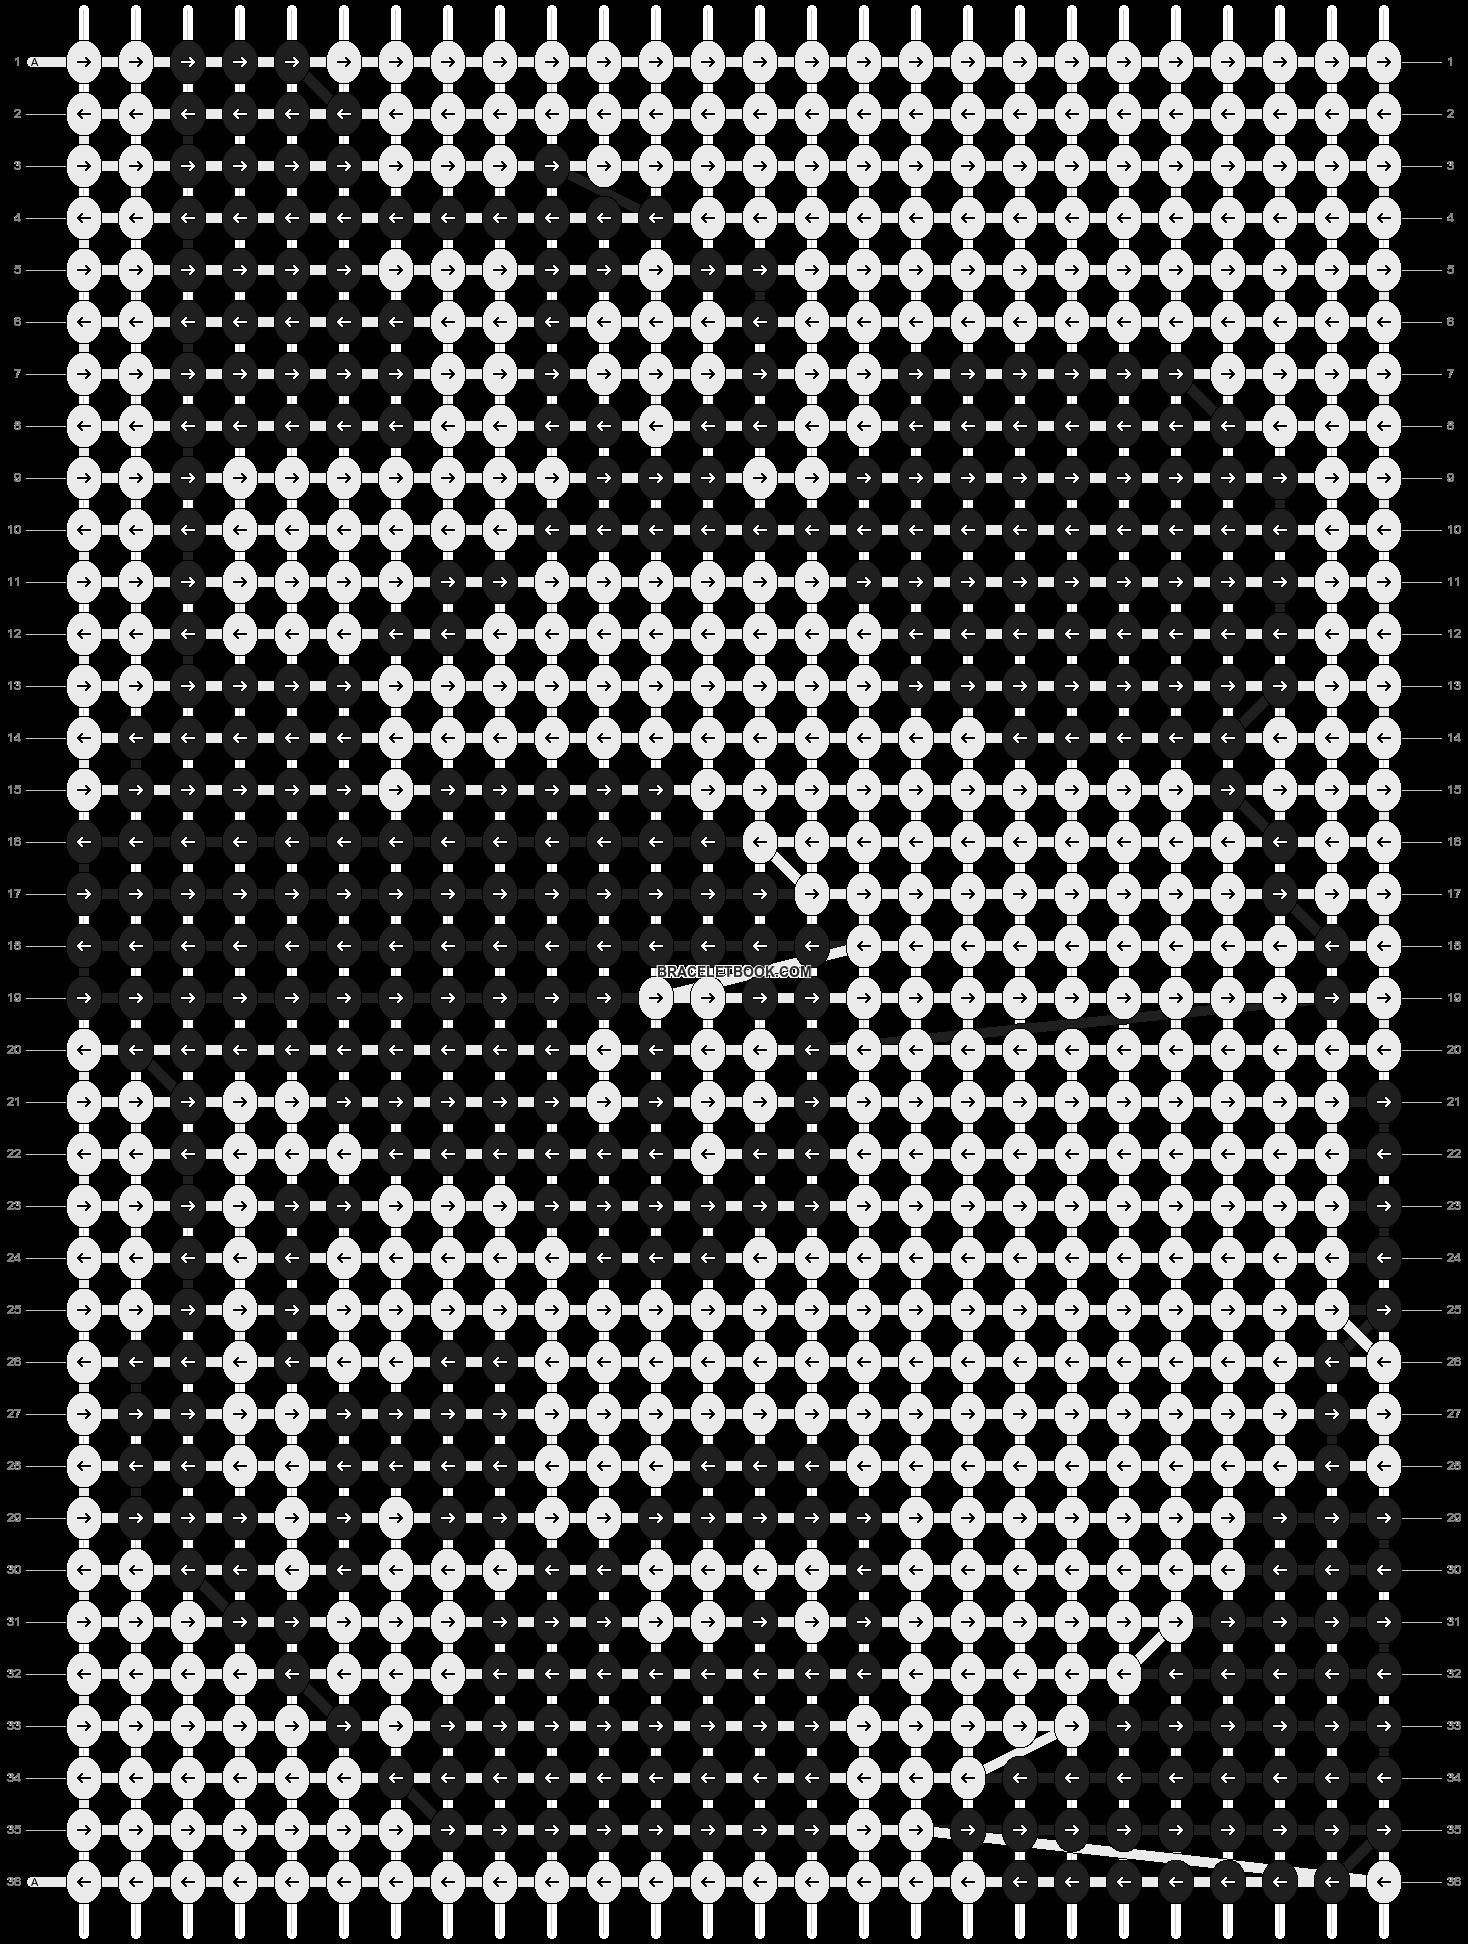 Alpha Pattern #11001 added by SammiDawn